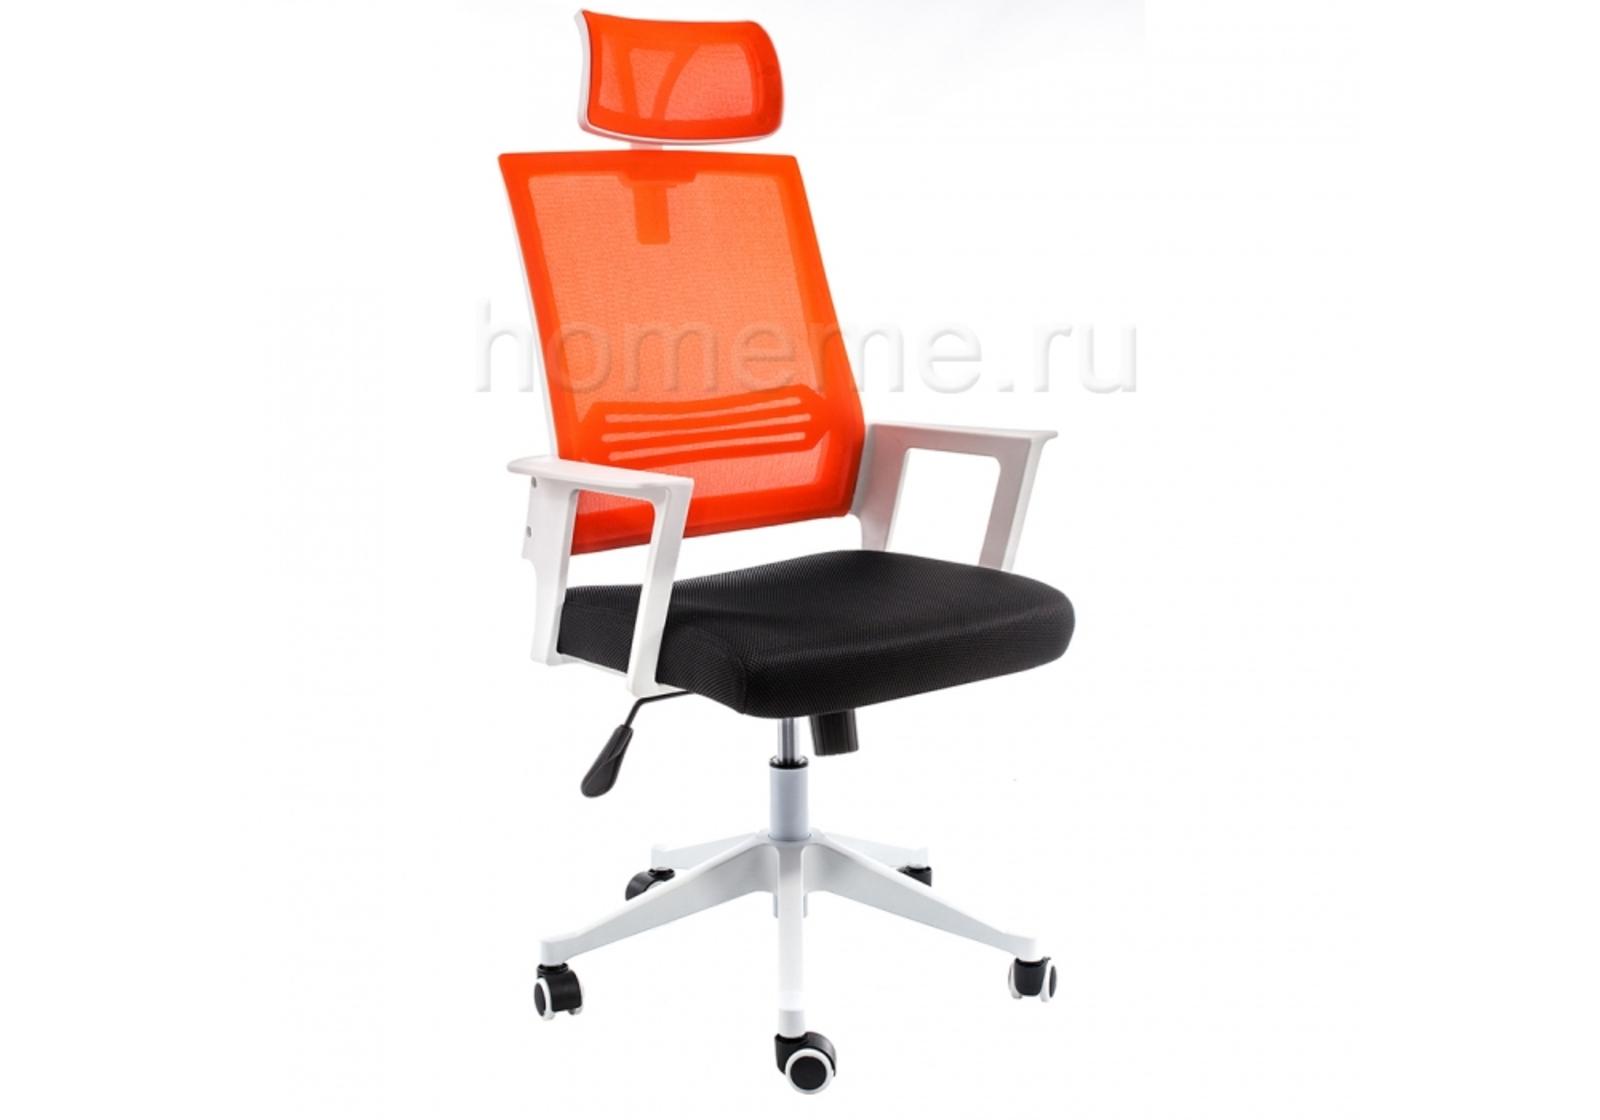 Кресло для офиса HomeMe Dreamer белое / черное / оранжевое 1985 от Homeme.ru